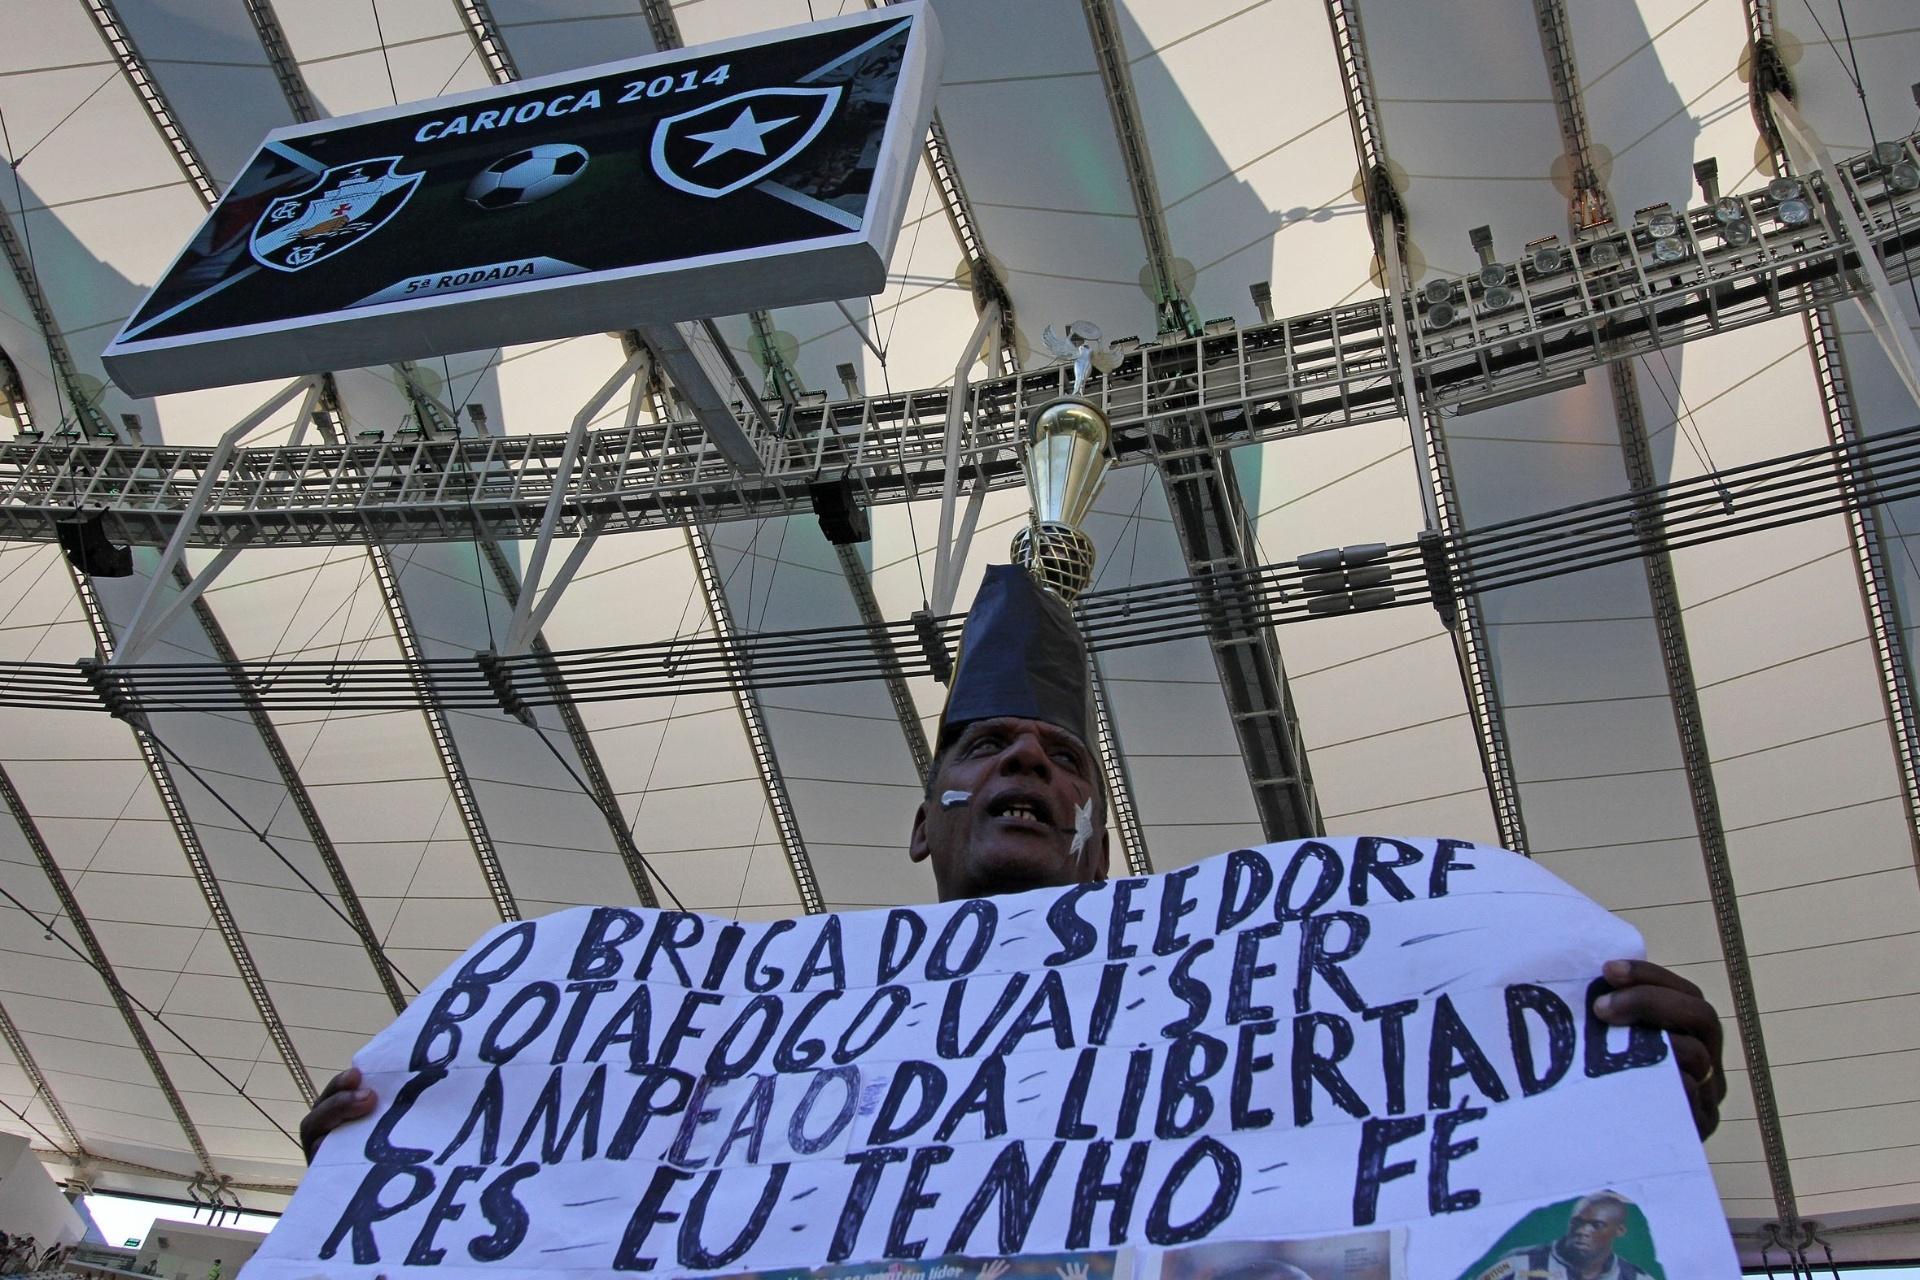 02.fev.2014 - Torcedor do Botafogo leva faixa com agradecimento ao holandês Seedorf para clássico contra o Vasco